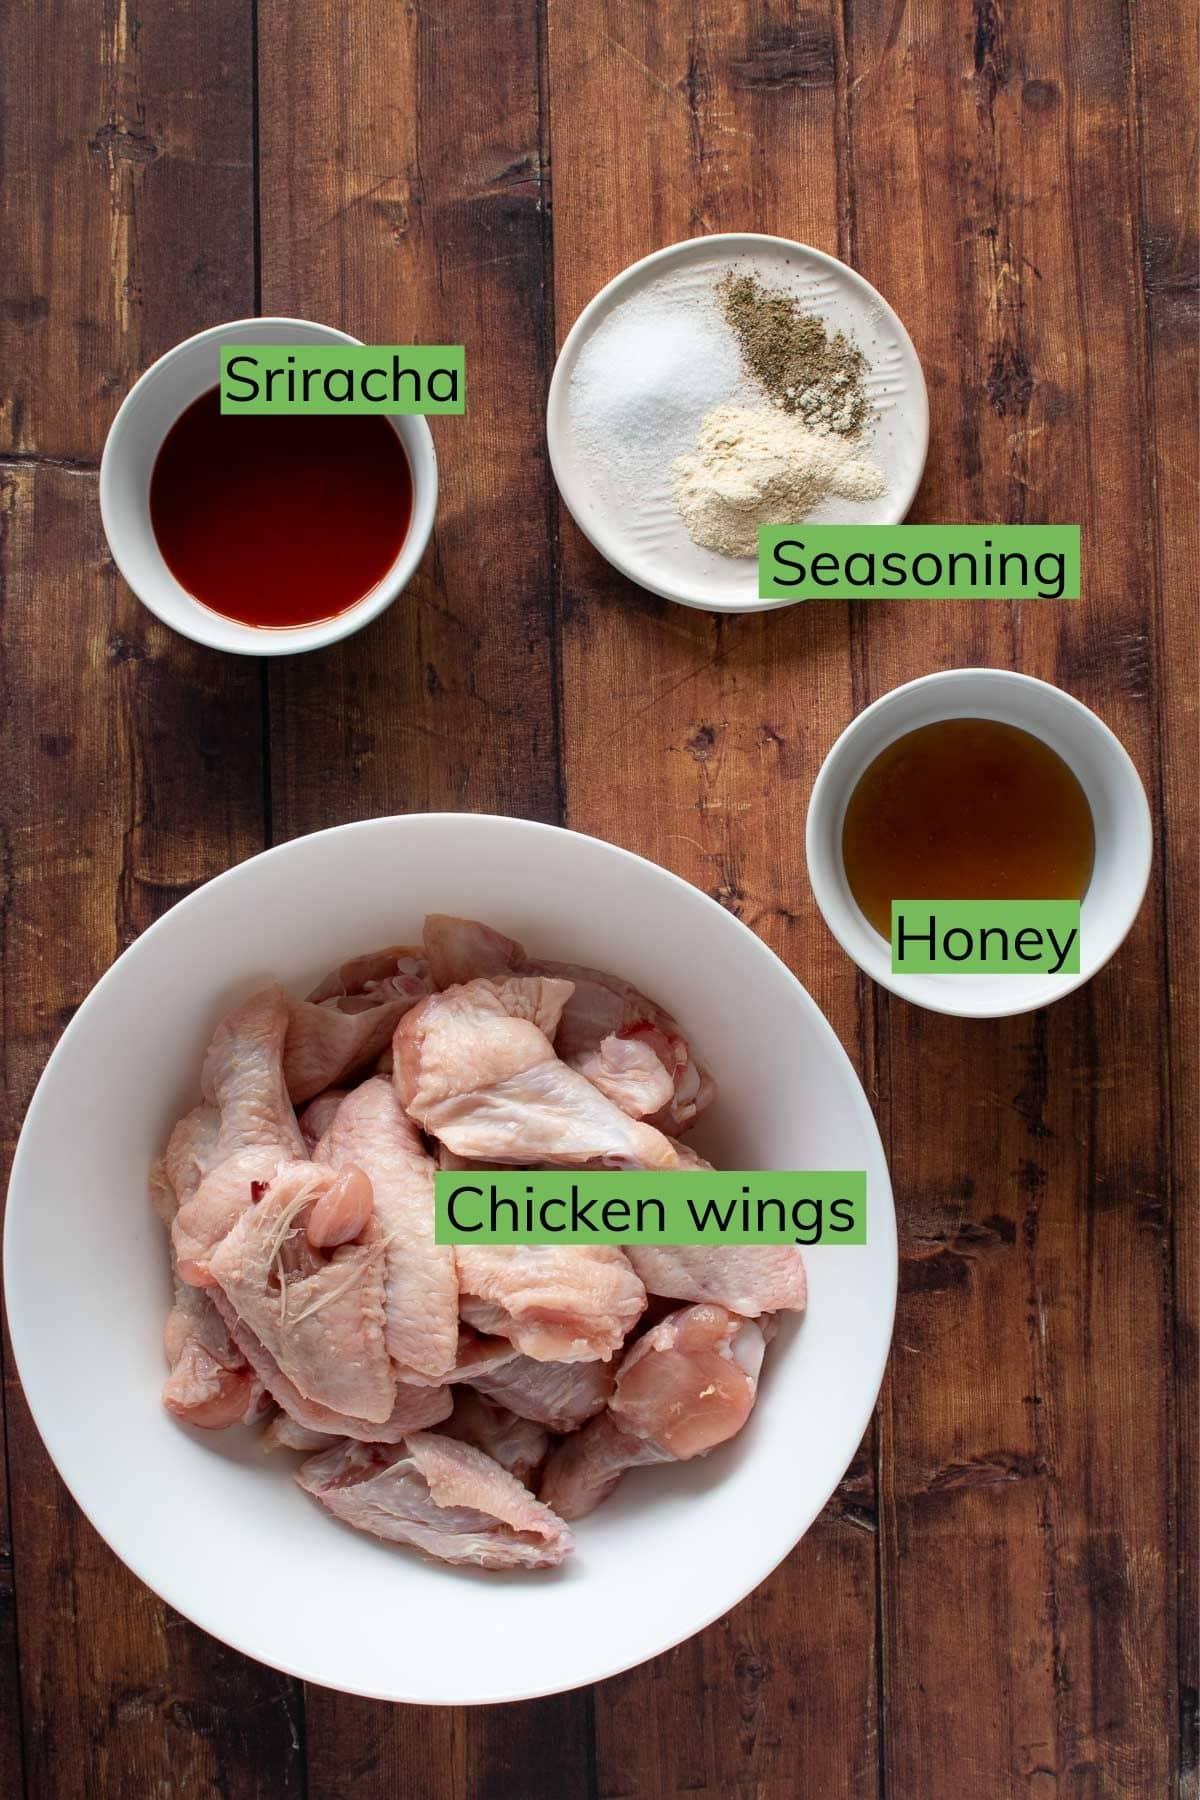 Ingredients to make honey sriracha chicken wings.